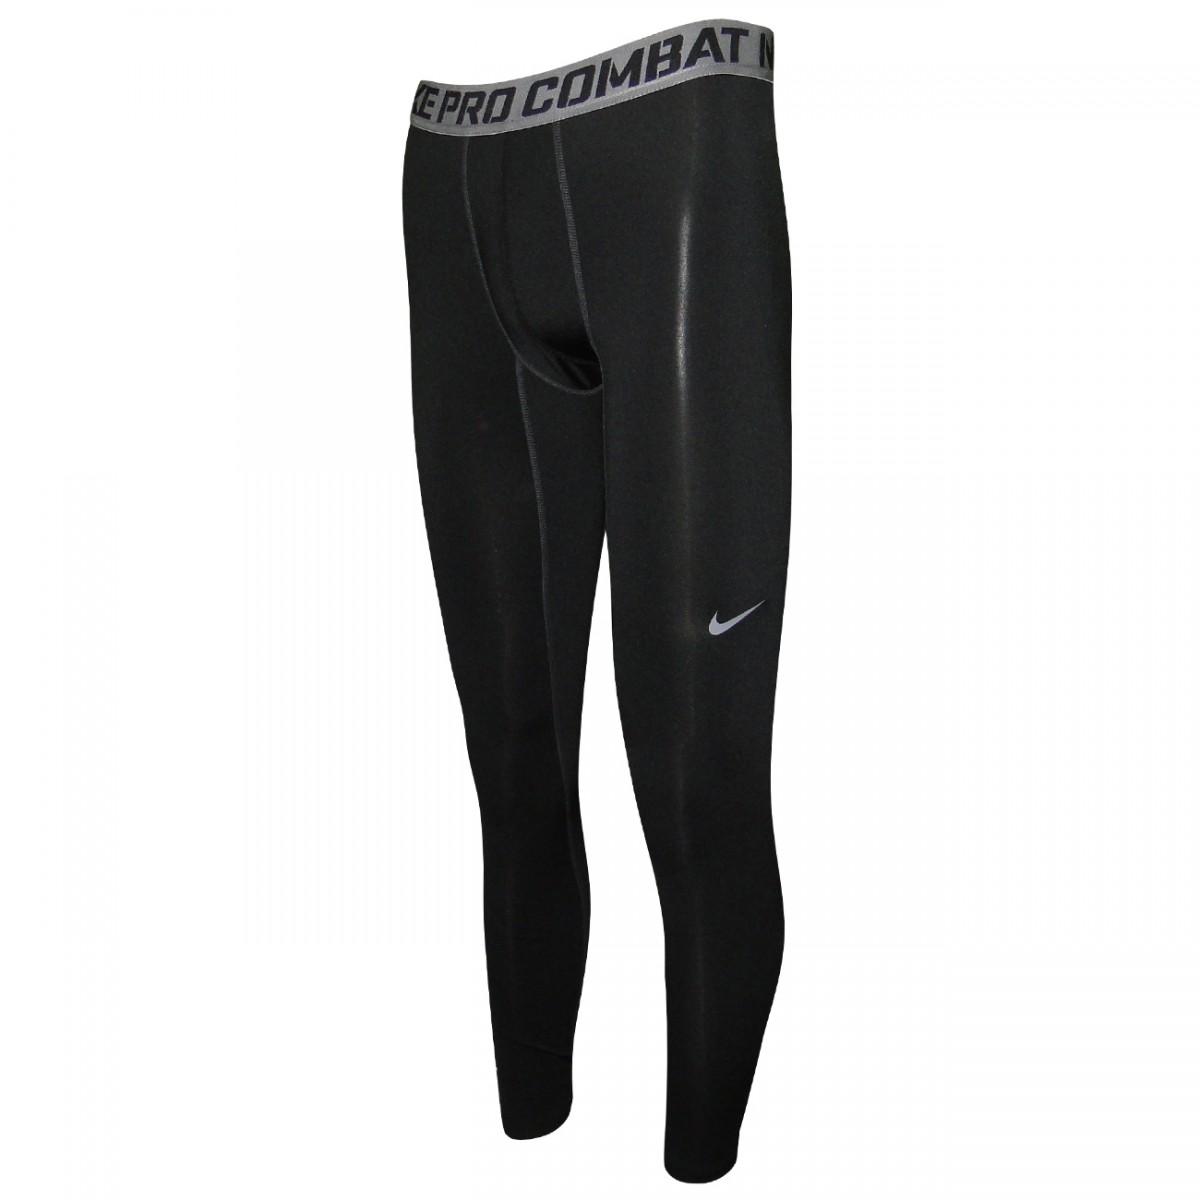 41d1ac40c55b3 Calça Termica Nike 449822 449822-010 - Preto - Chuteira Nike, Adidas.  Sandalias Femininas. Sandy Calçados